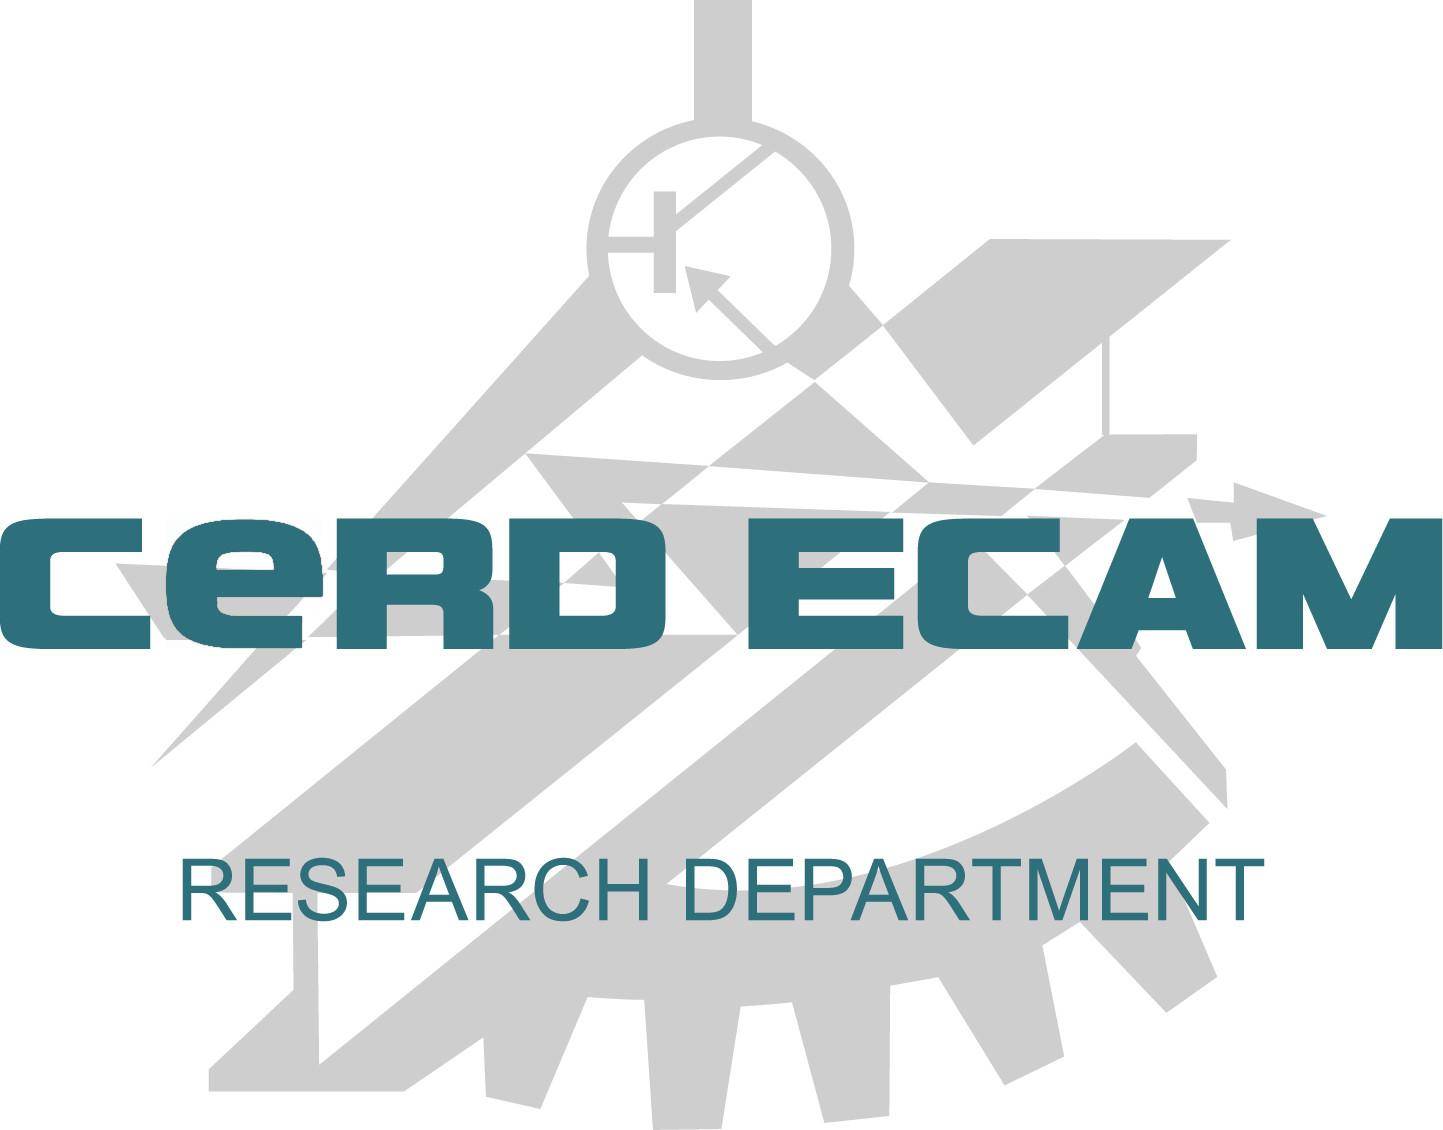 CeRD ECAM-2019-08